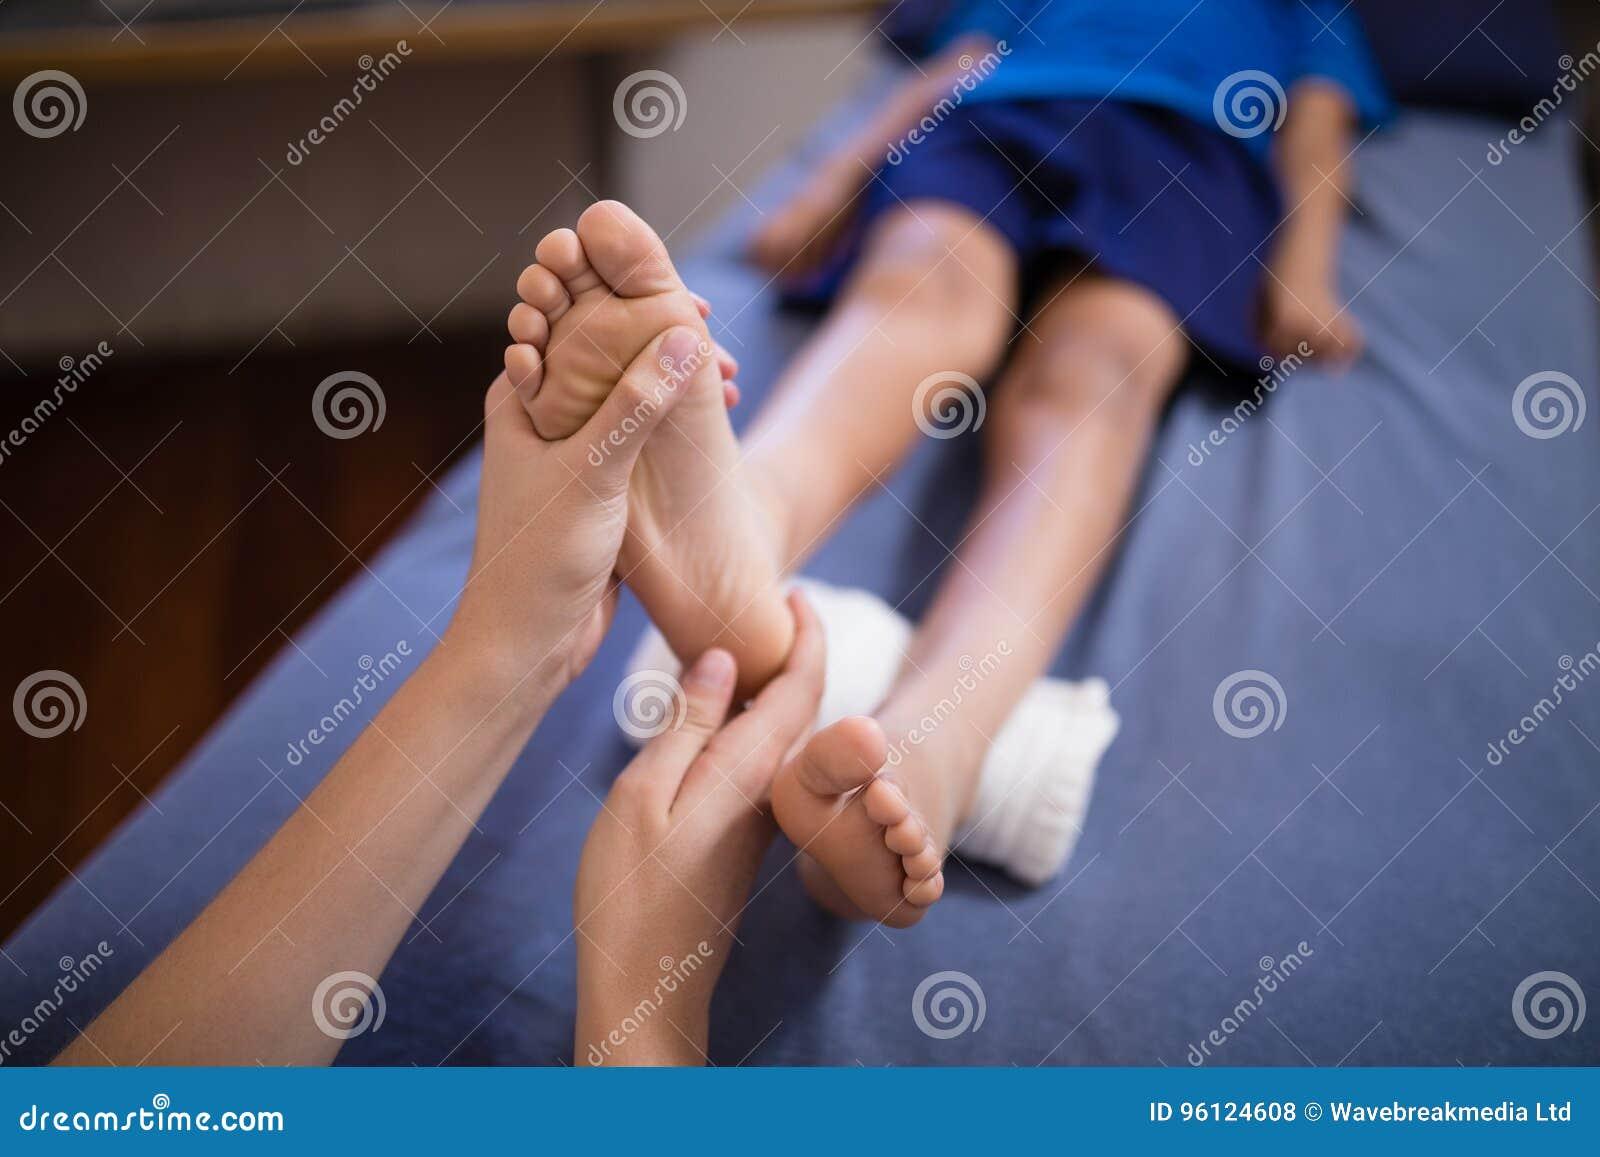 Angolo Letto Ospedale : Punto di vista dell angolo alto del ragazzo che si trova sul letto